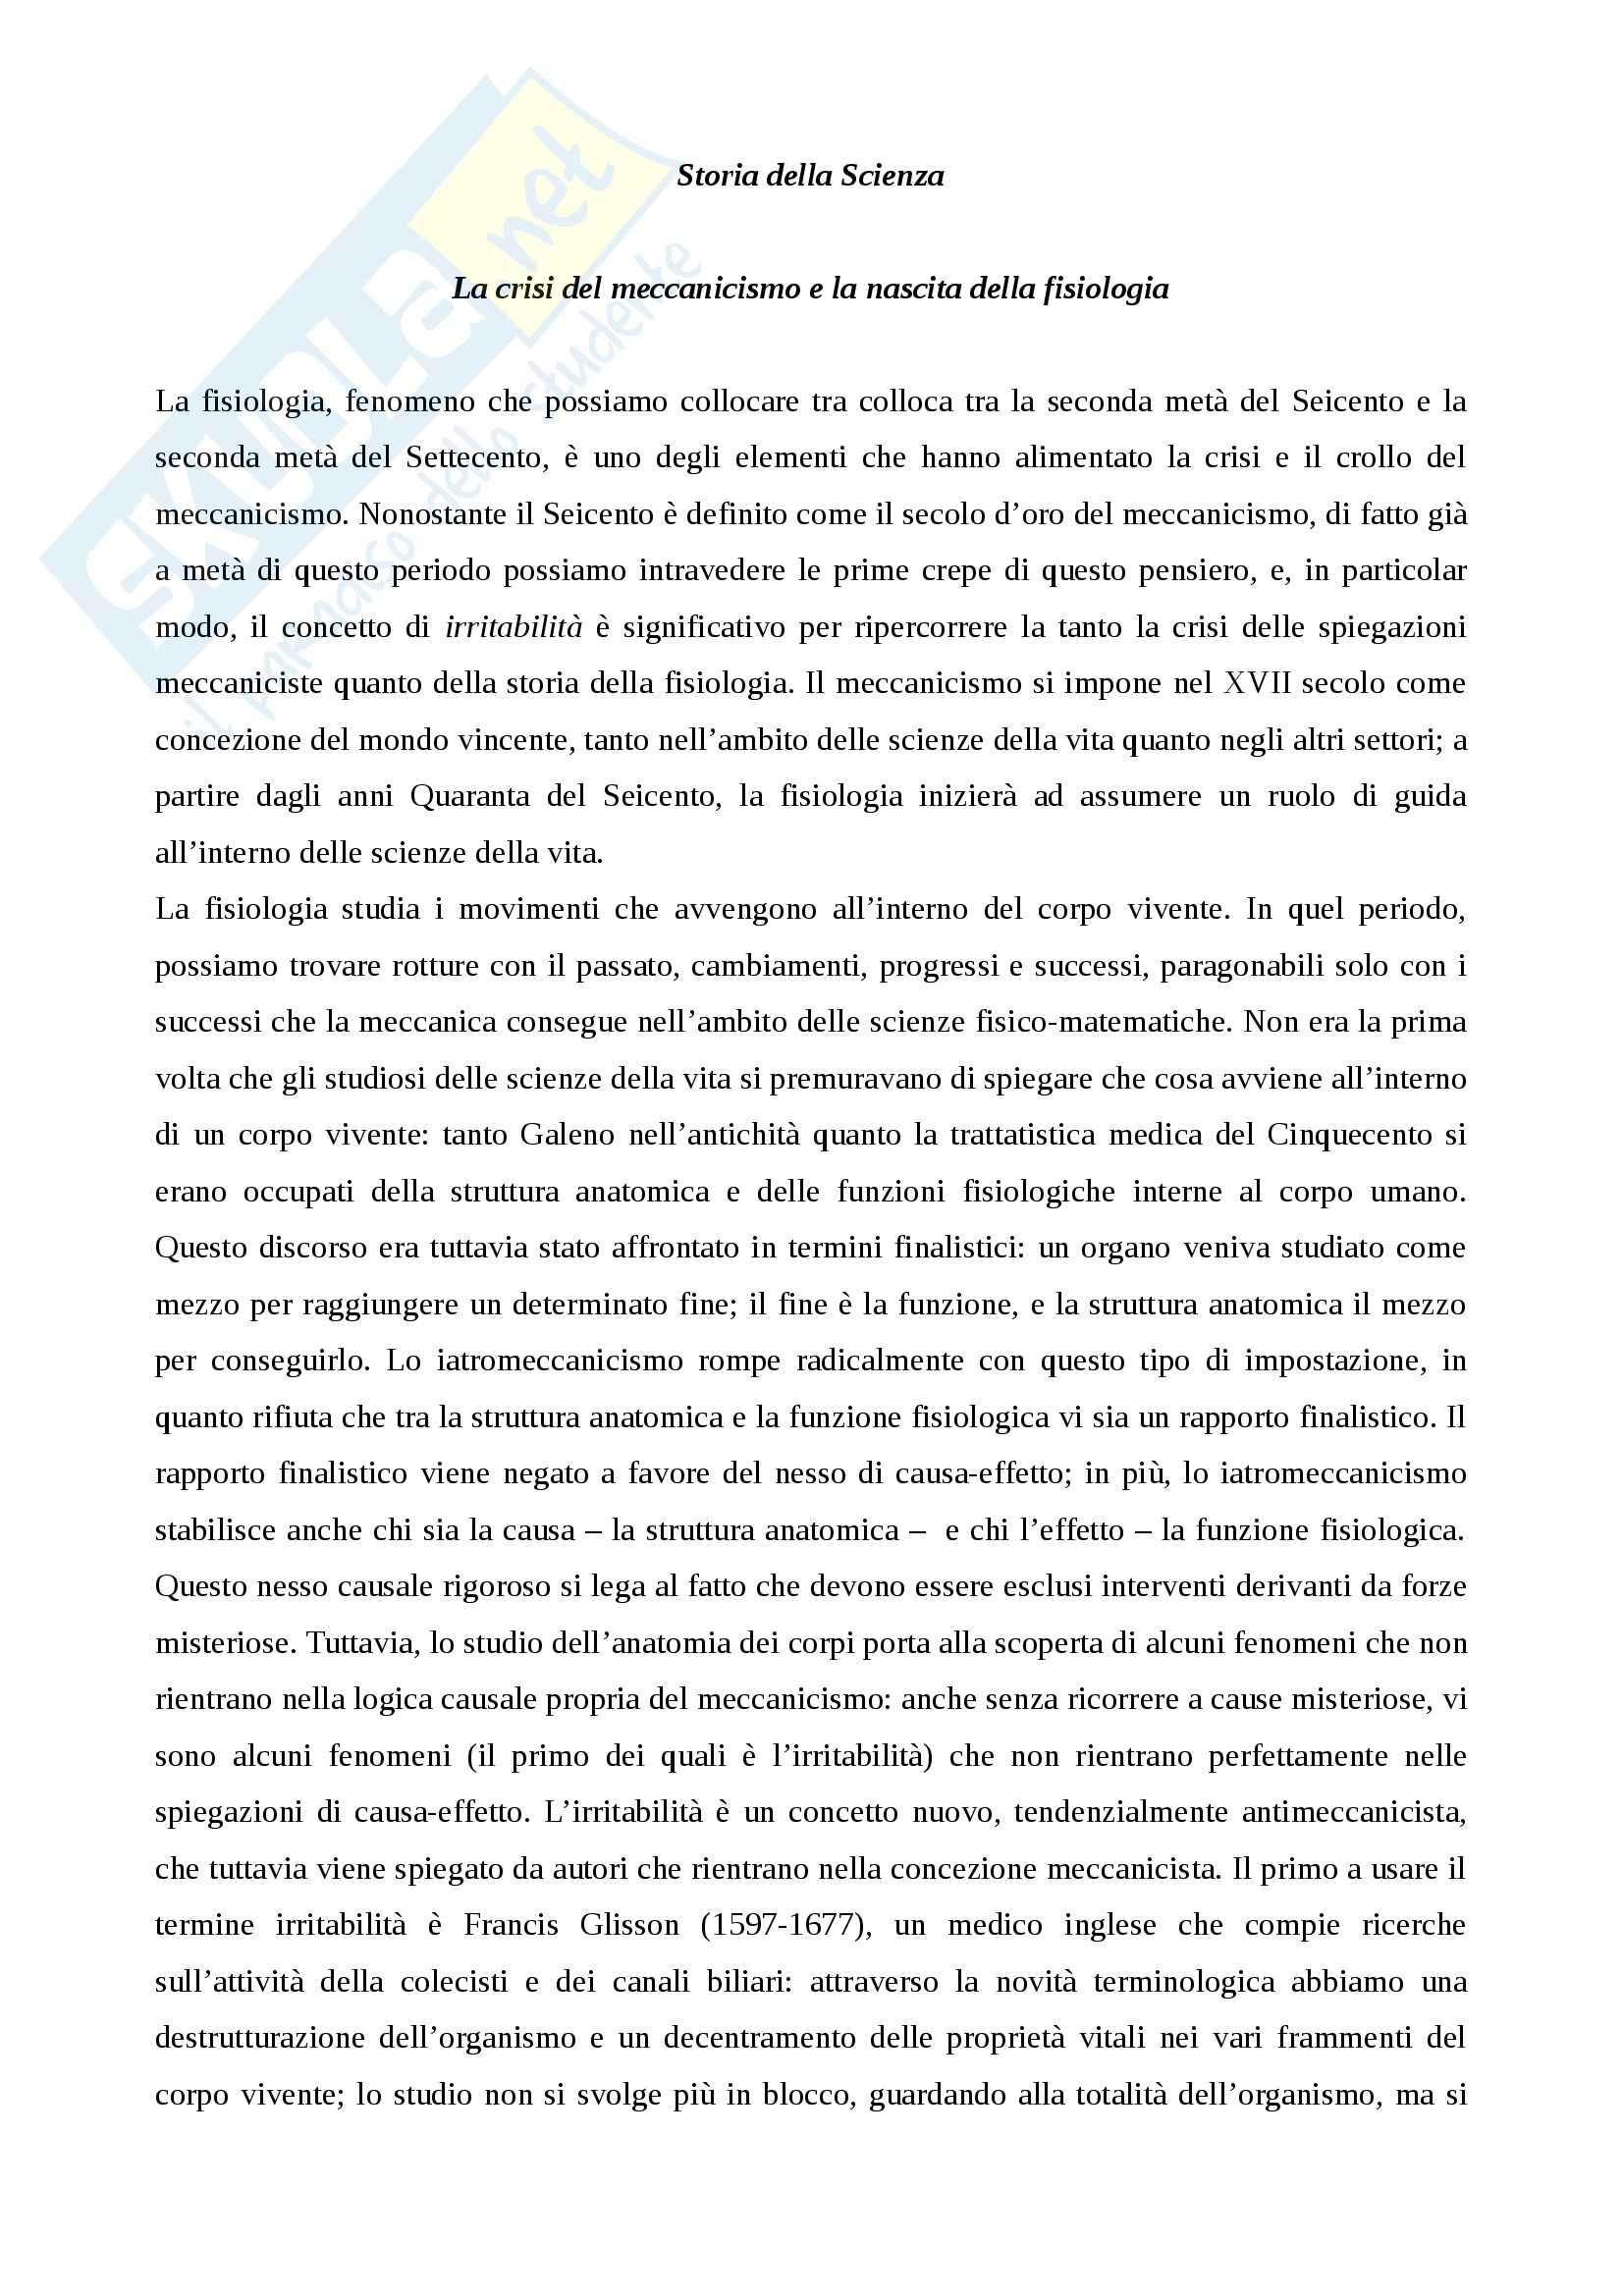 Riassunto esame storia della scienza, prof. Monti per esame di storia della scienza dell'età moderna nascita della fisiologia e meccanicismo